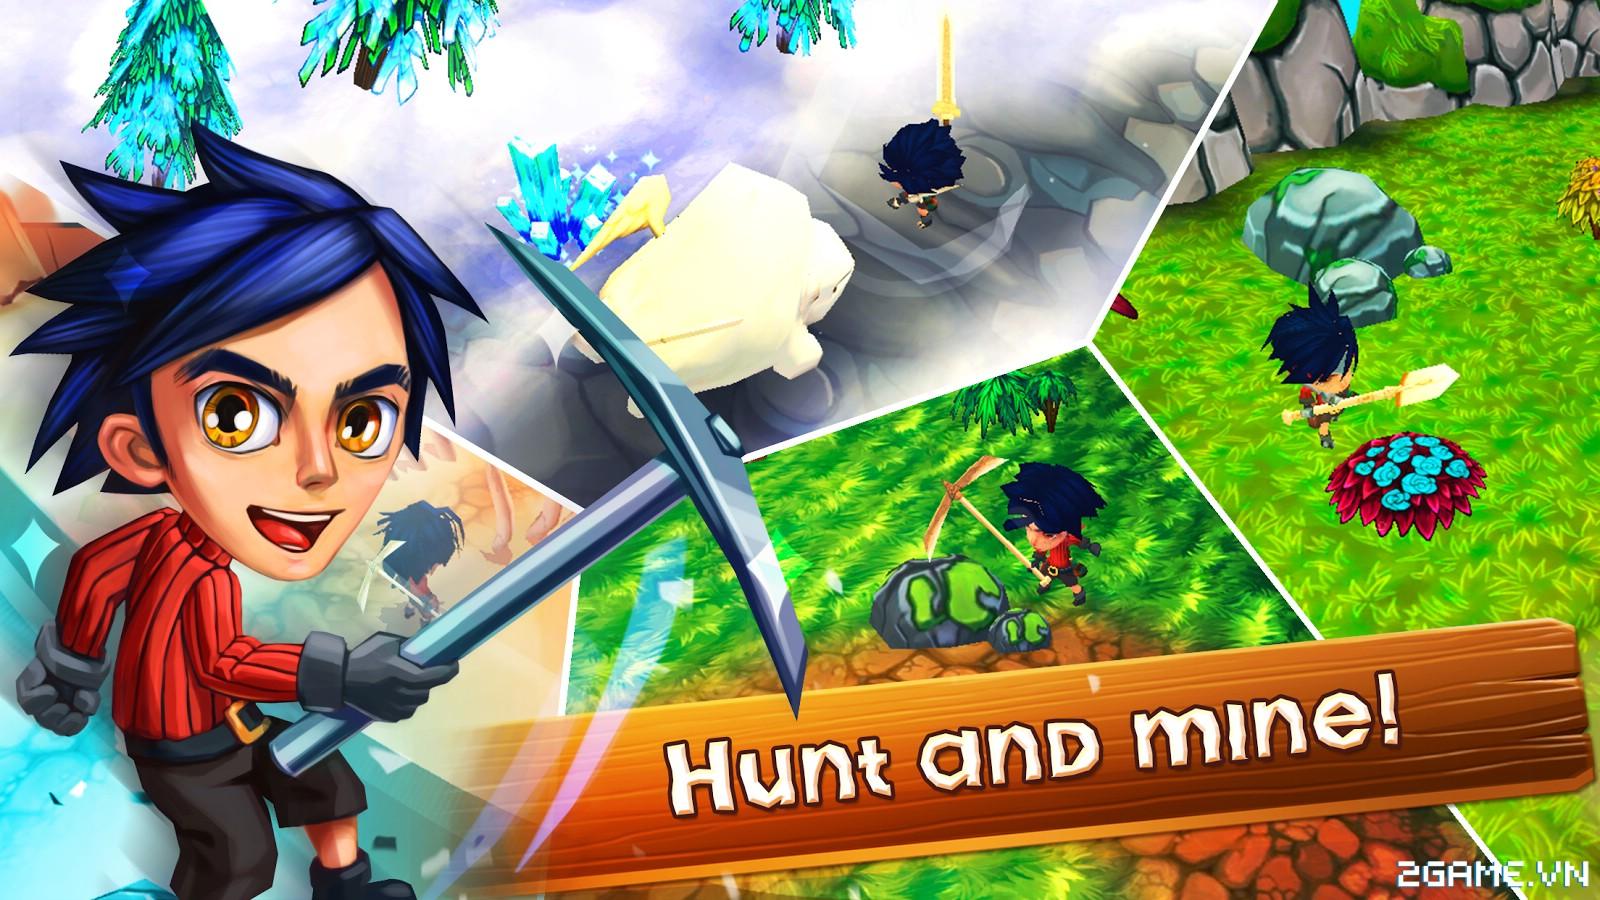 Chibi Survivor Weather Lord – Game sinh tồn đồ họa ngộ nghĩnh, gameplay phong cách Don't Starve 2